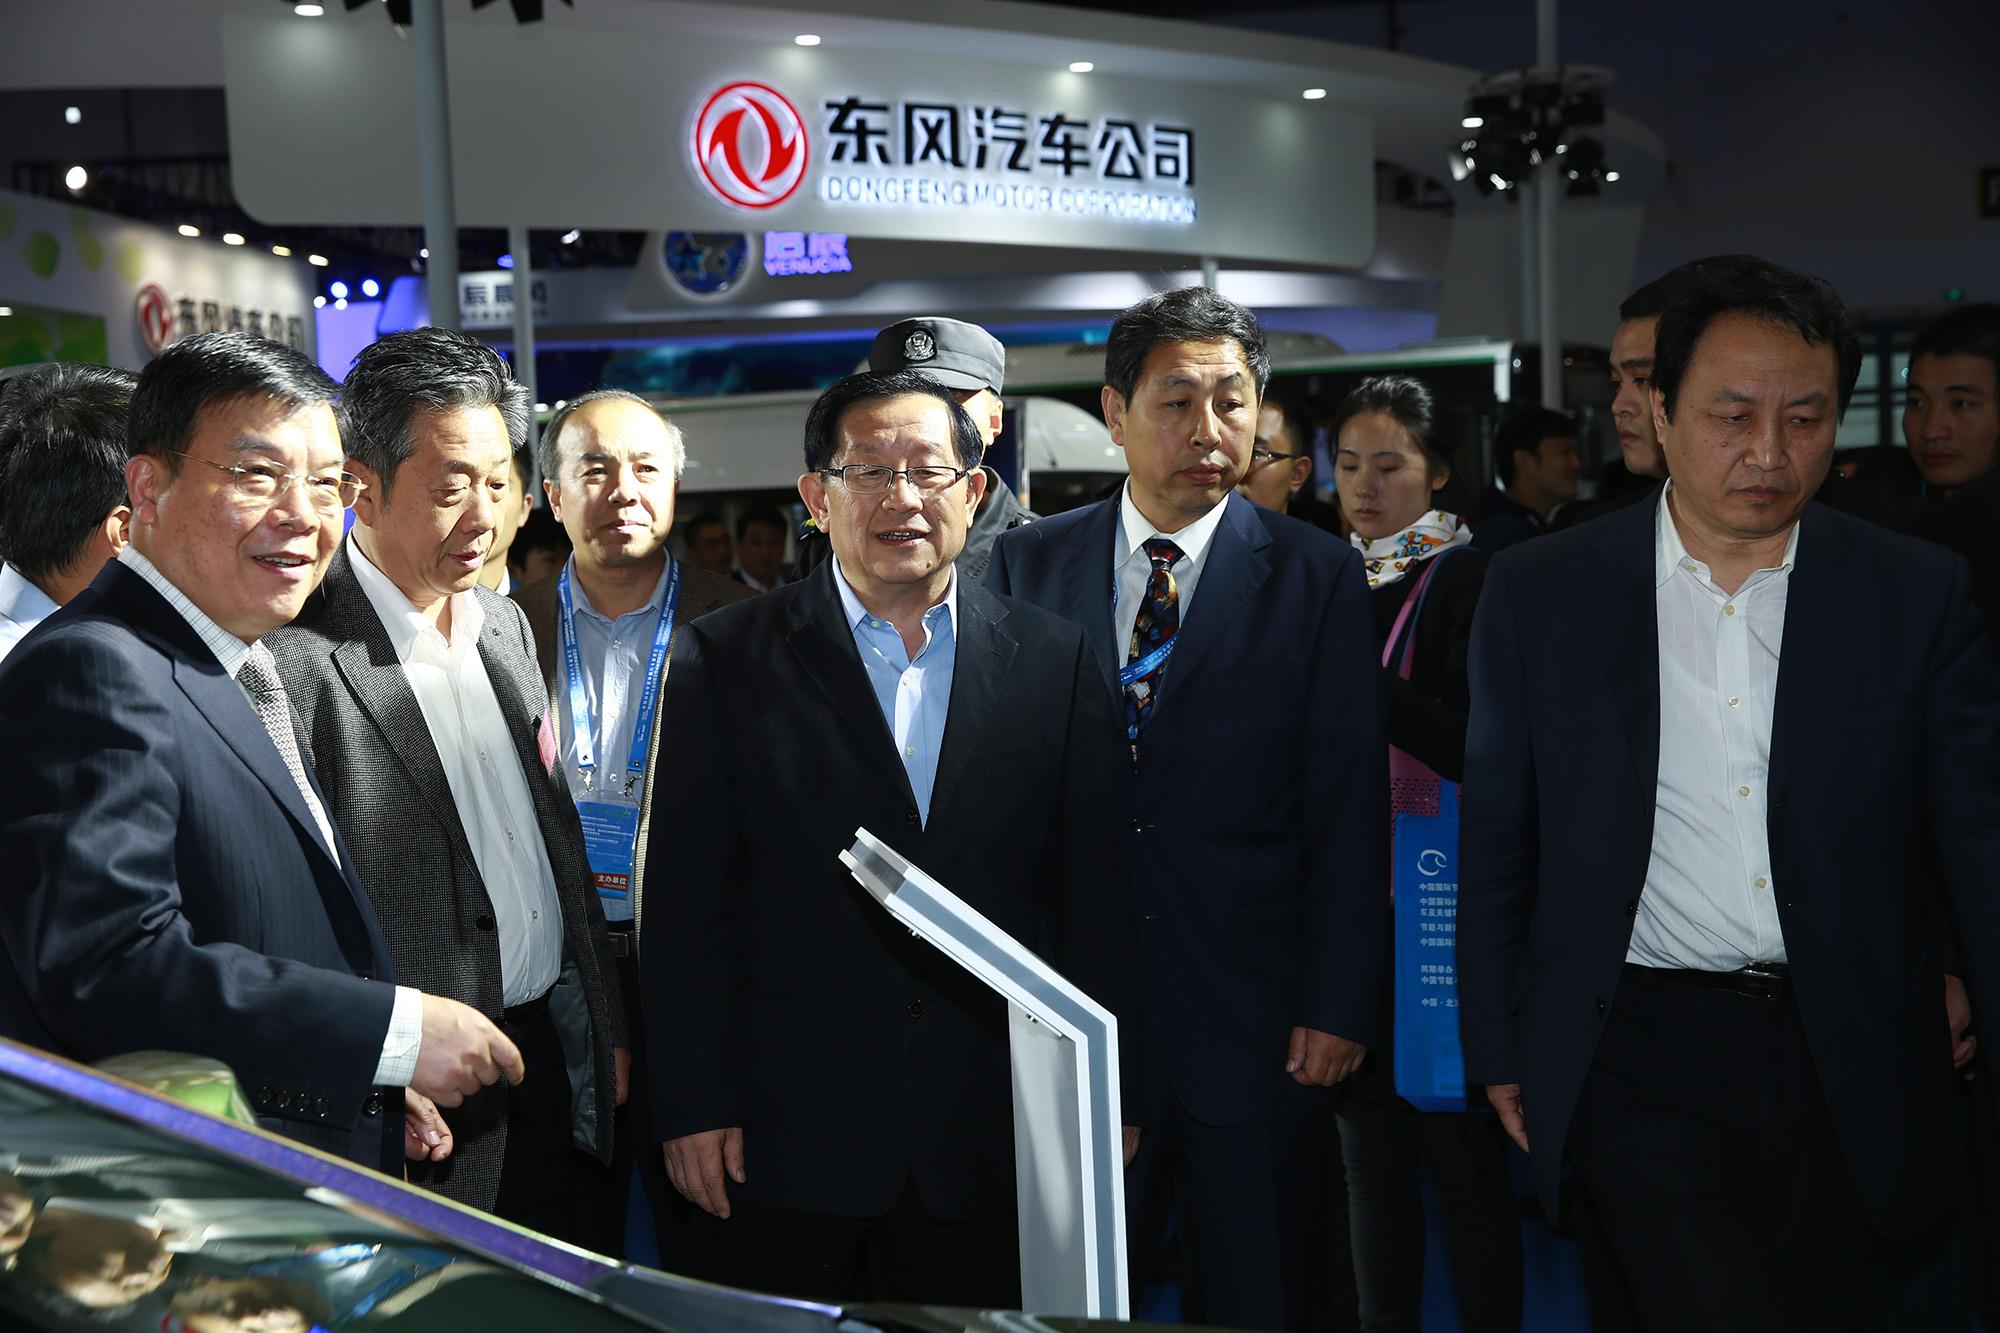 2017中国国际节能与新能源汽车展将盛大开幕